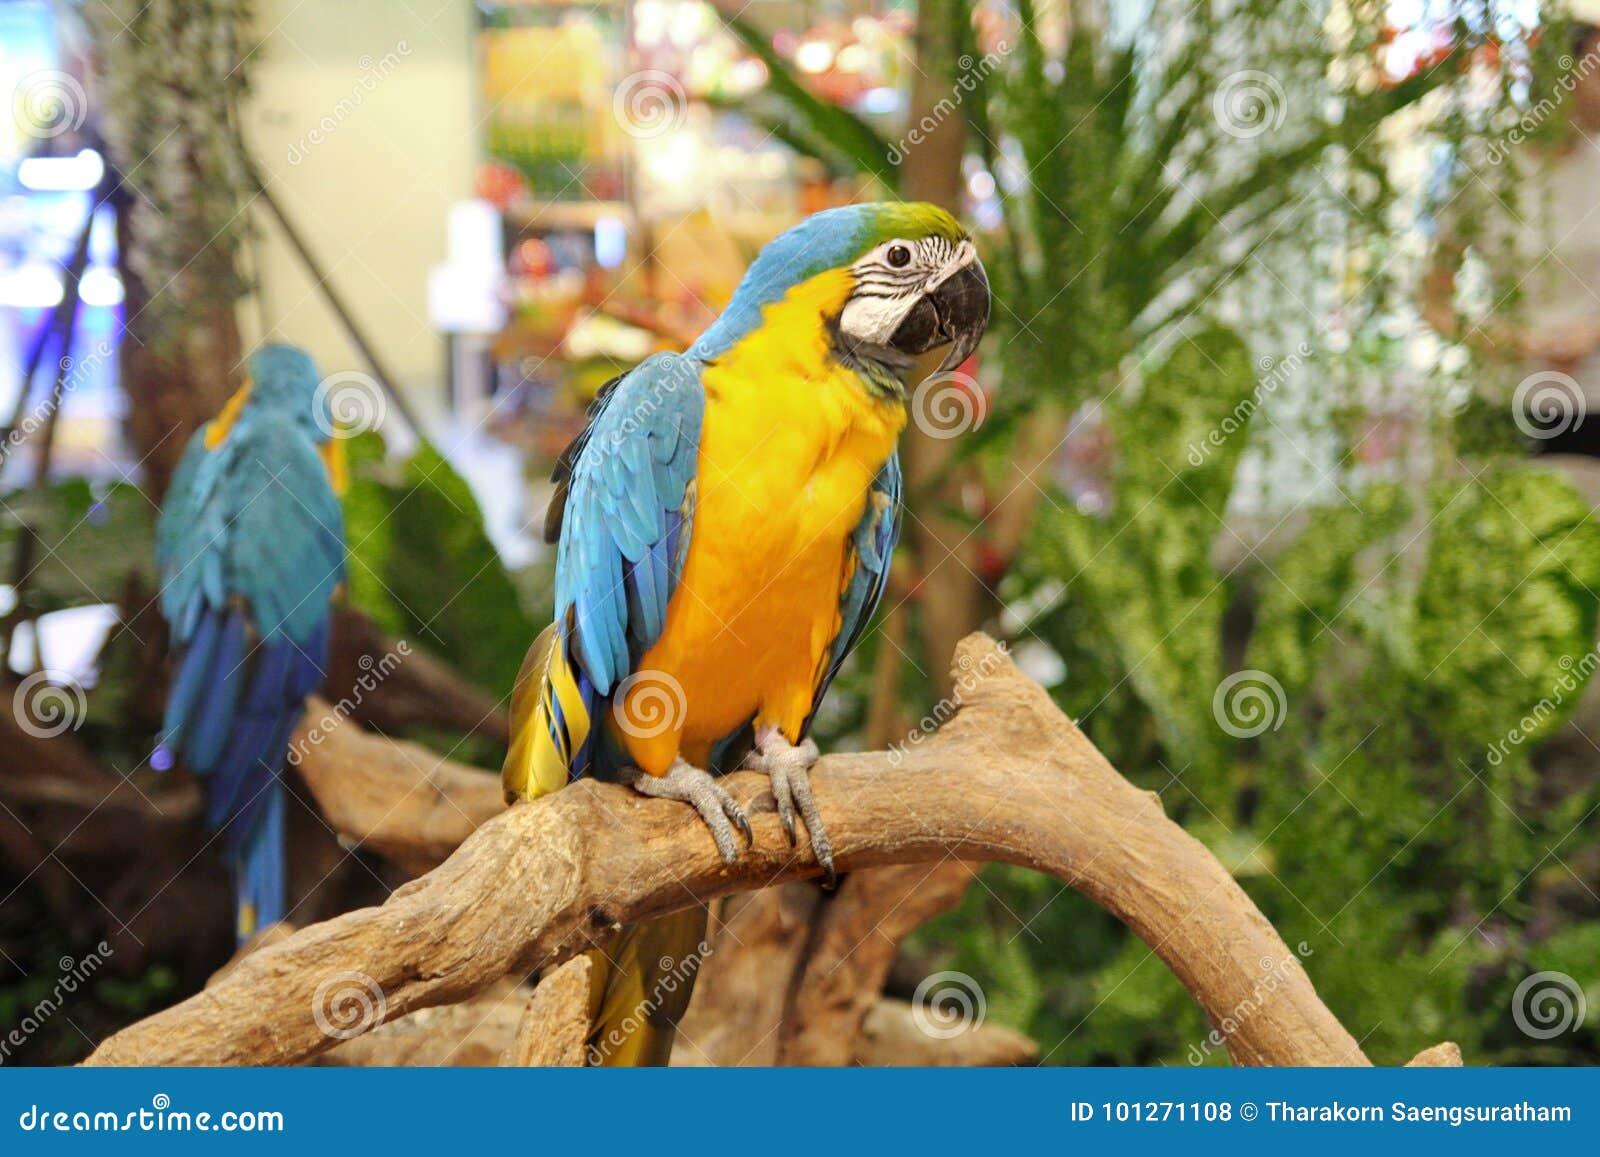 4 van de mannelijke blauwe en gele aramaanden papegaai in wandelgalerij